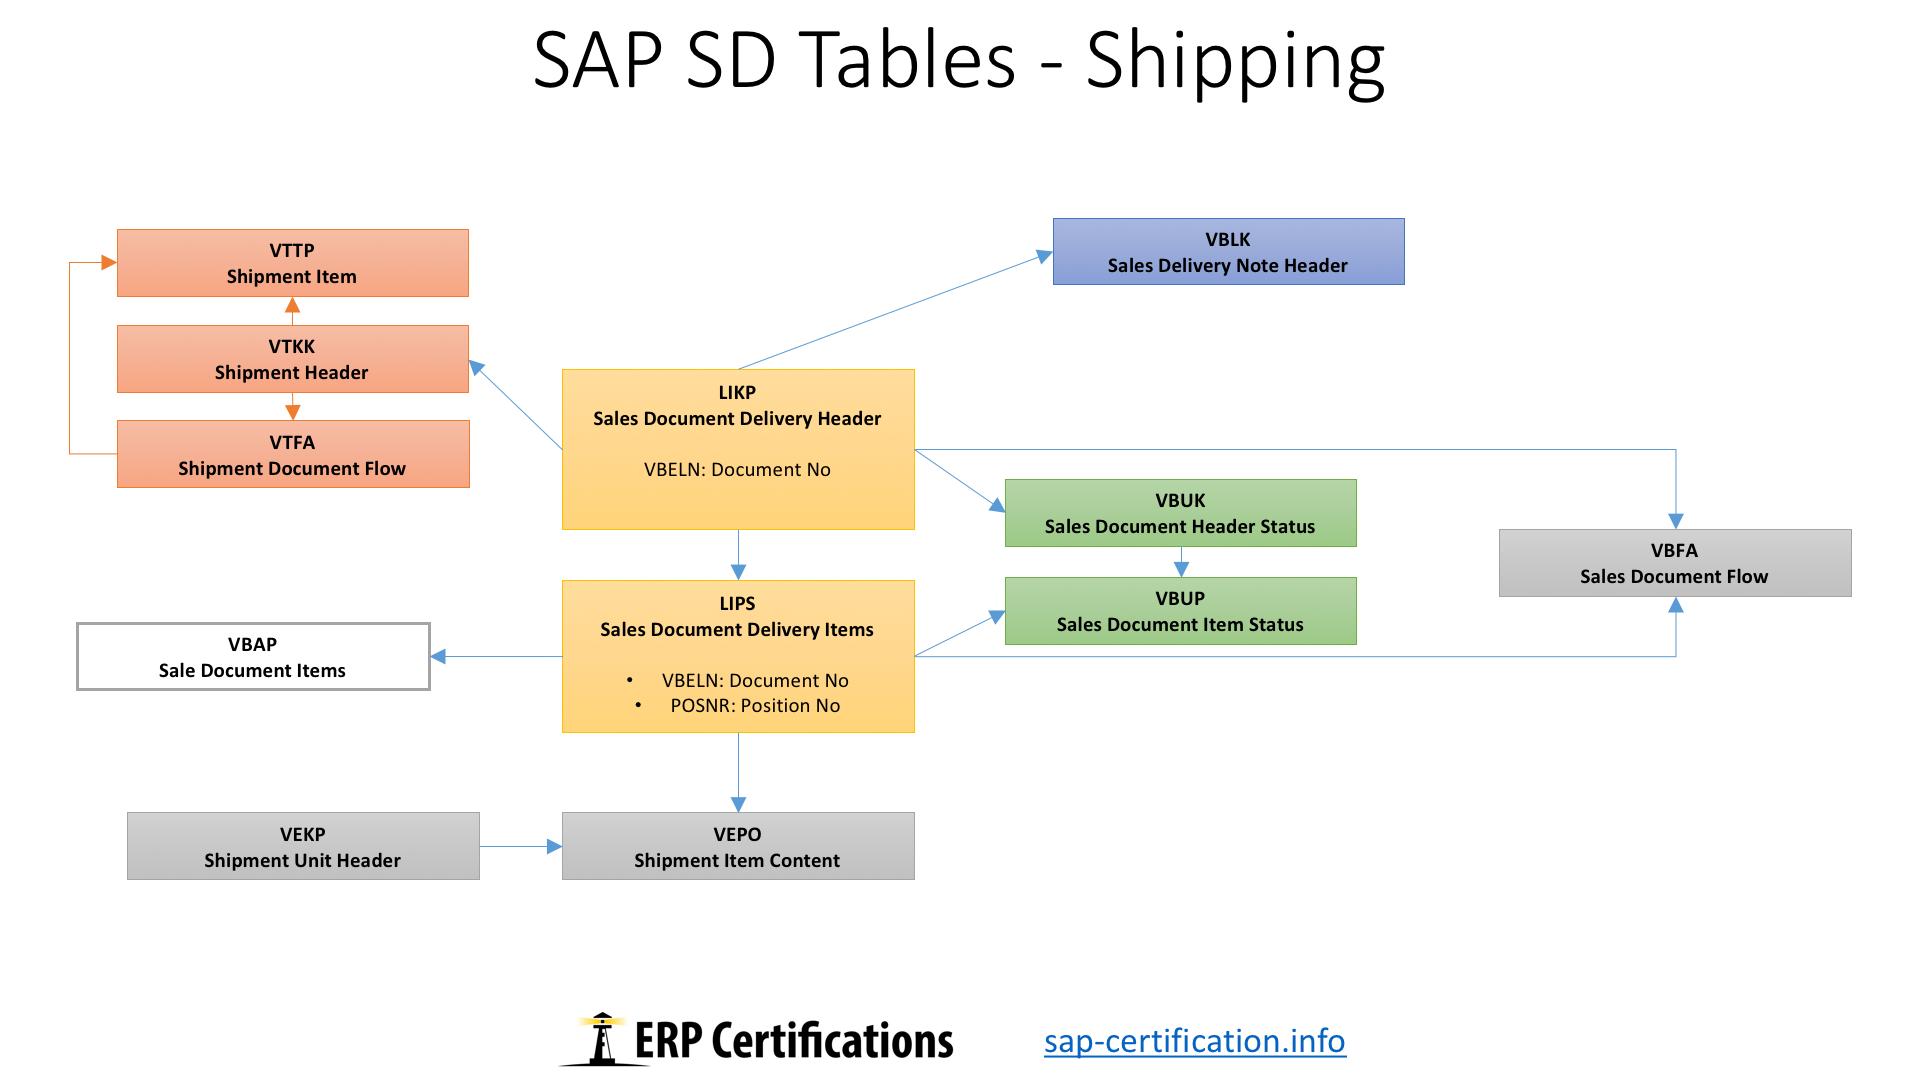 SAP SD Tables: Shipping